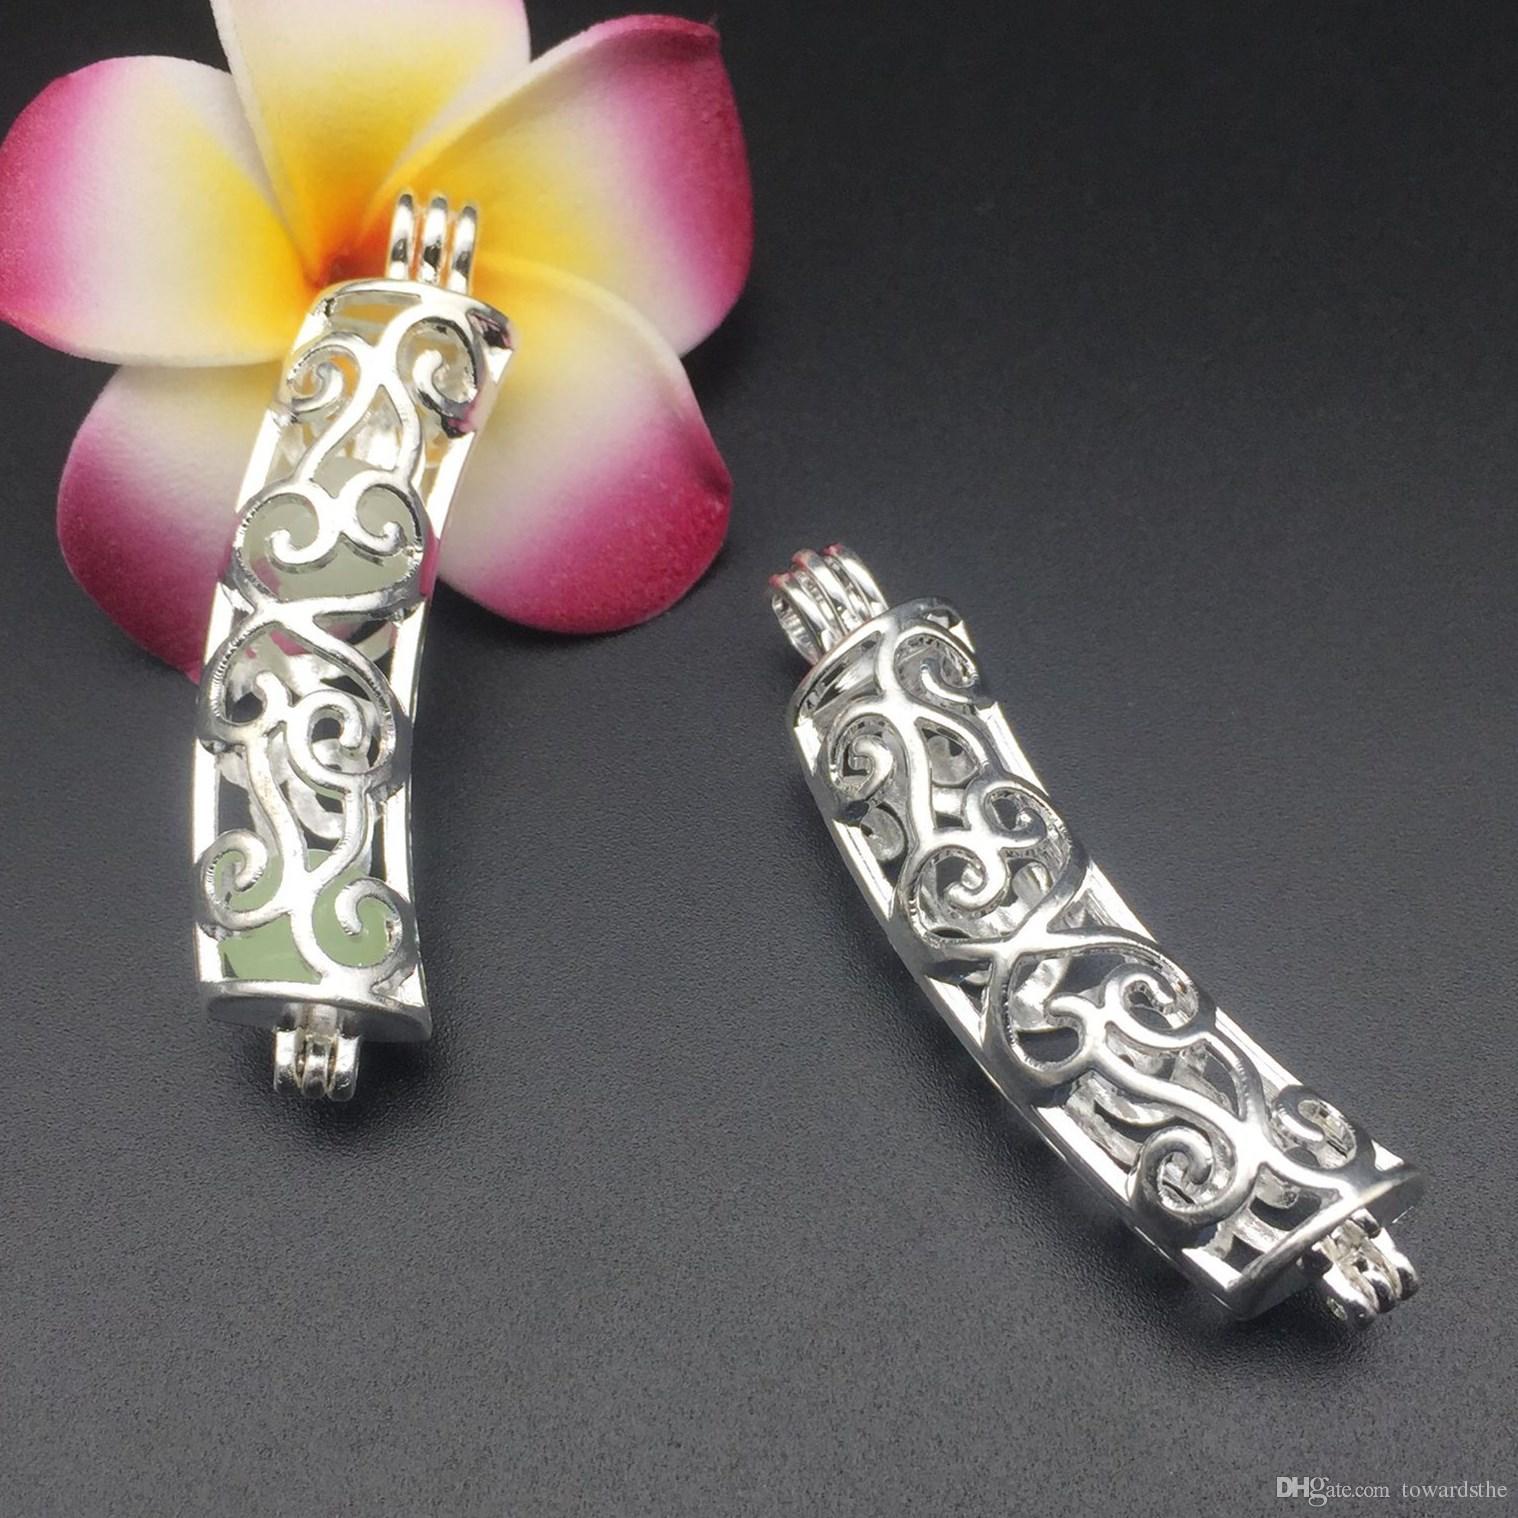 Colgante de collar de jaula de perlas, difusor de aceite esencial, tubo de doblado que proporciona plateadas, además de su propia perla que lo hace atractivo